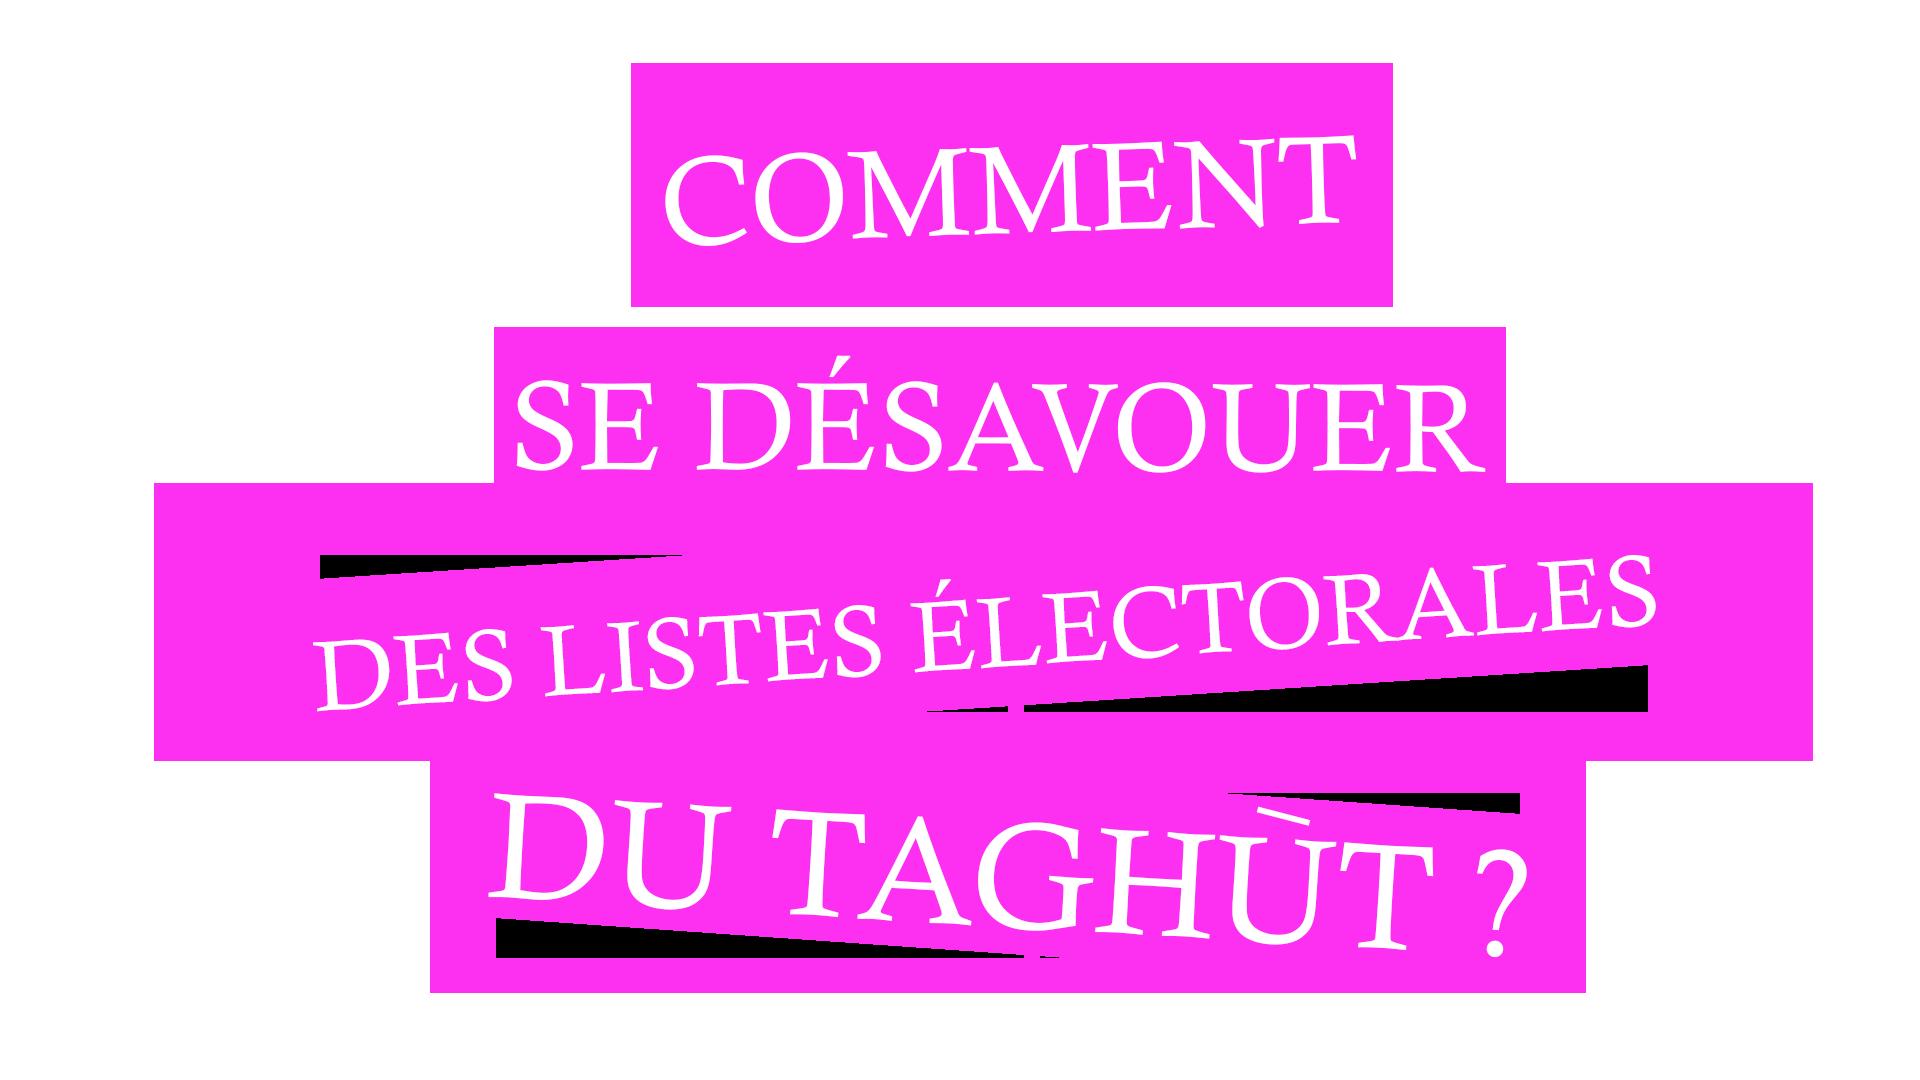 Comment se desavouer des listes electorales du taghut